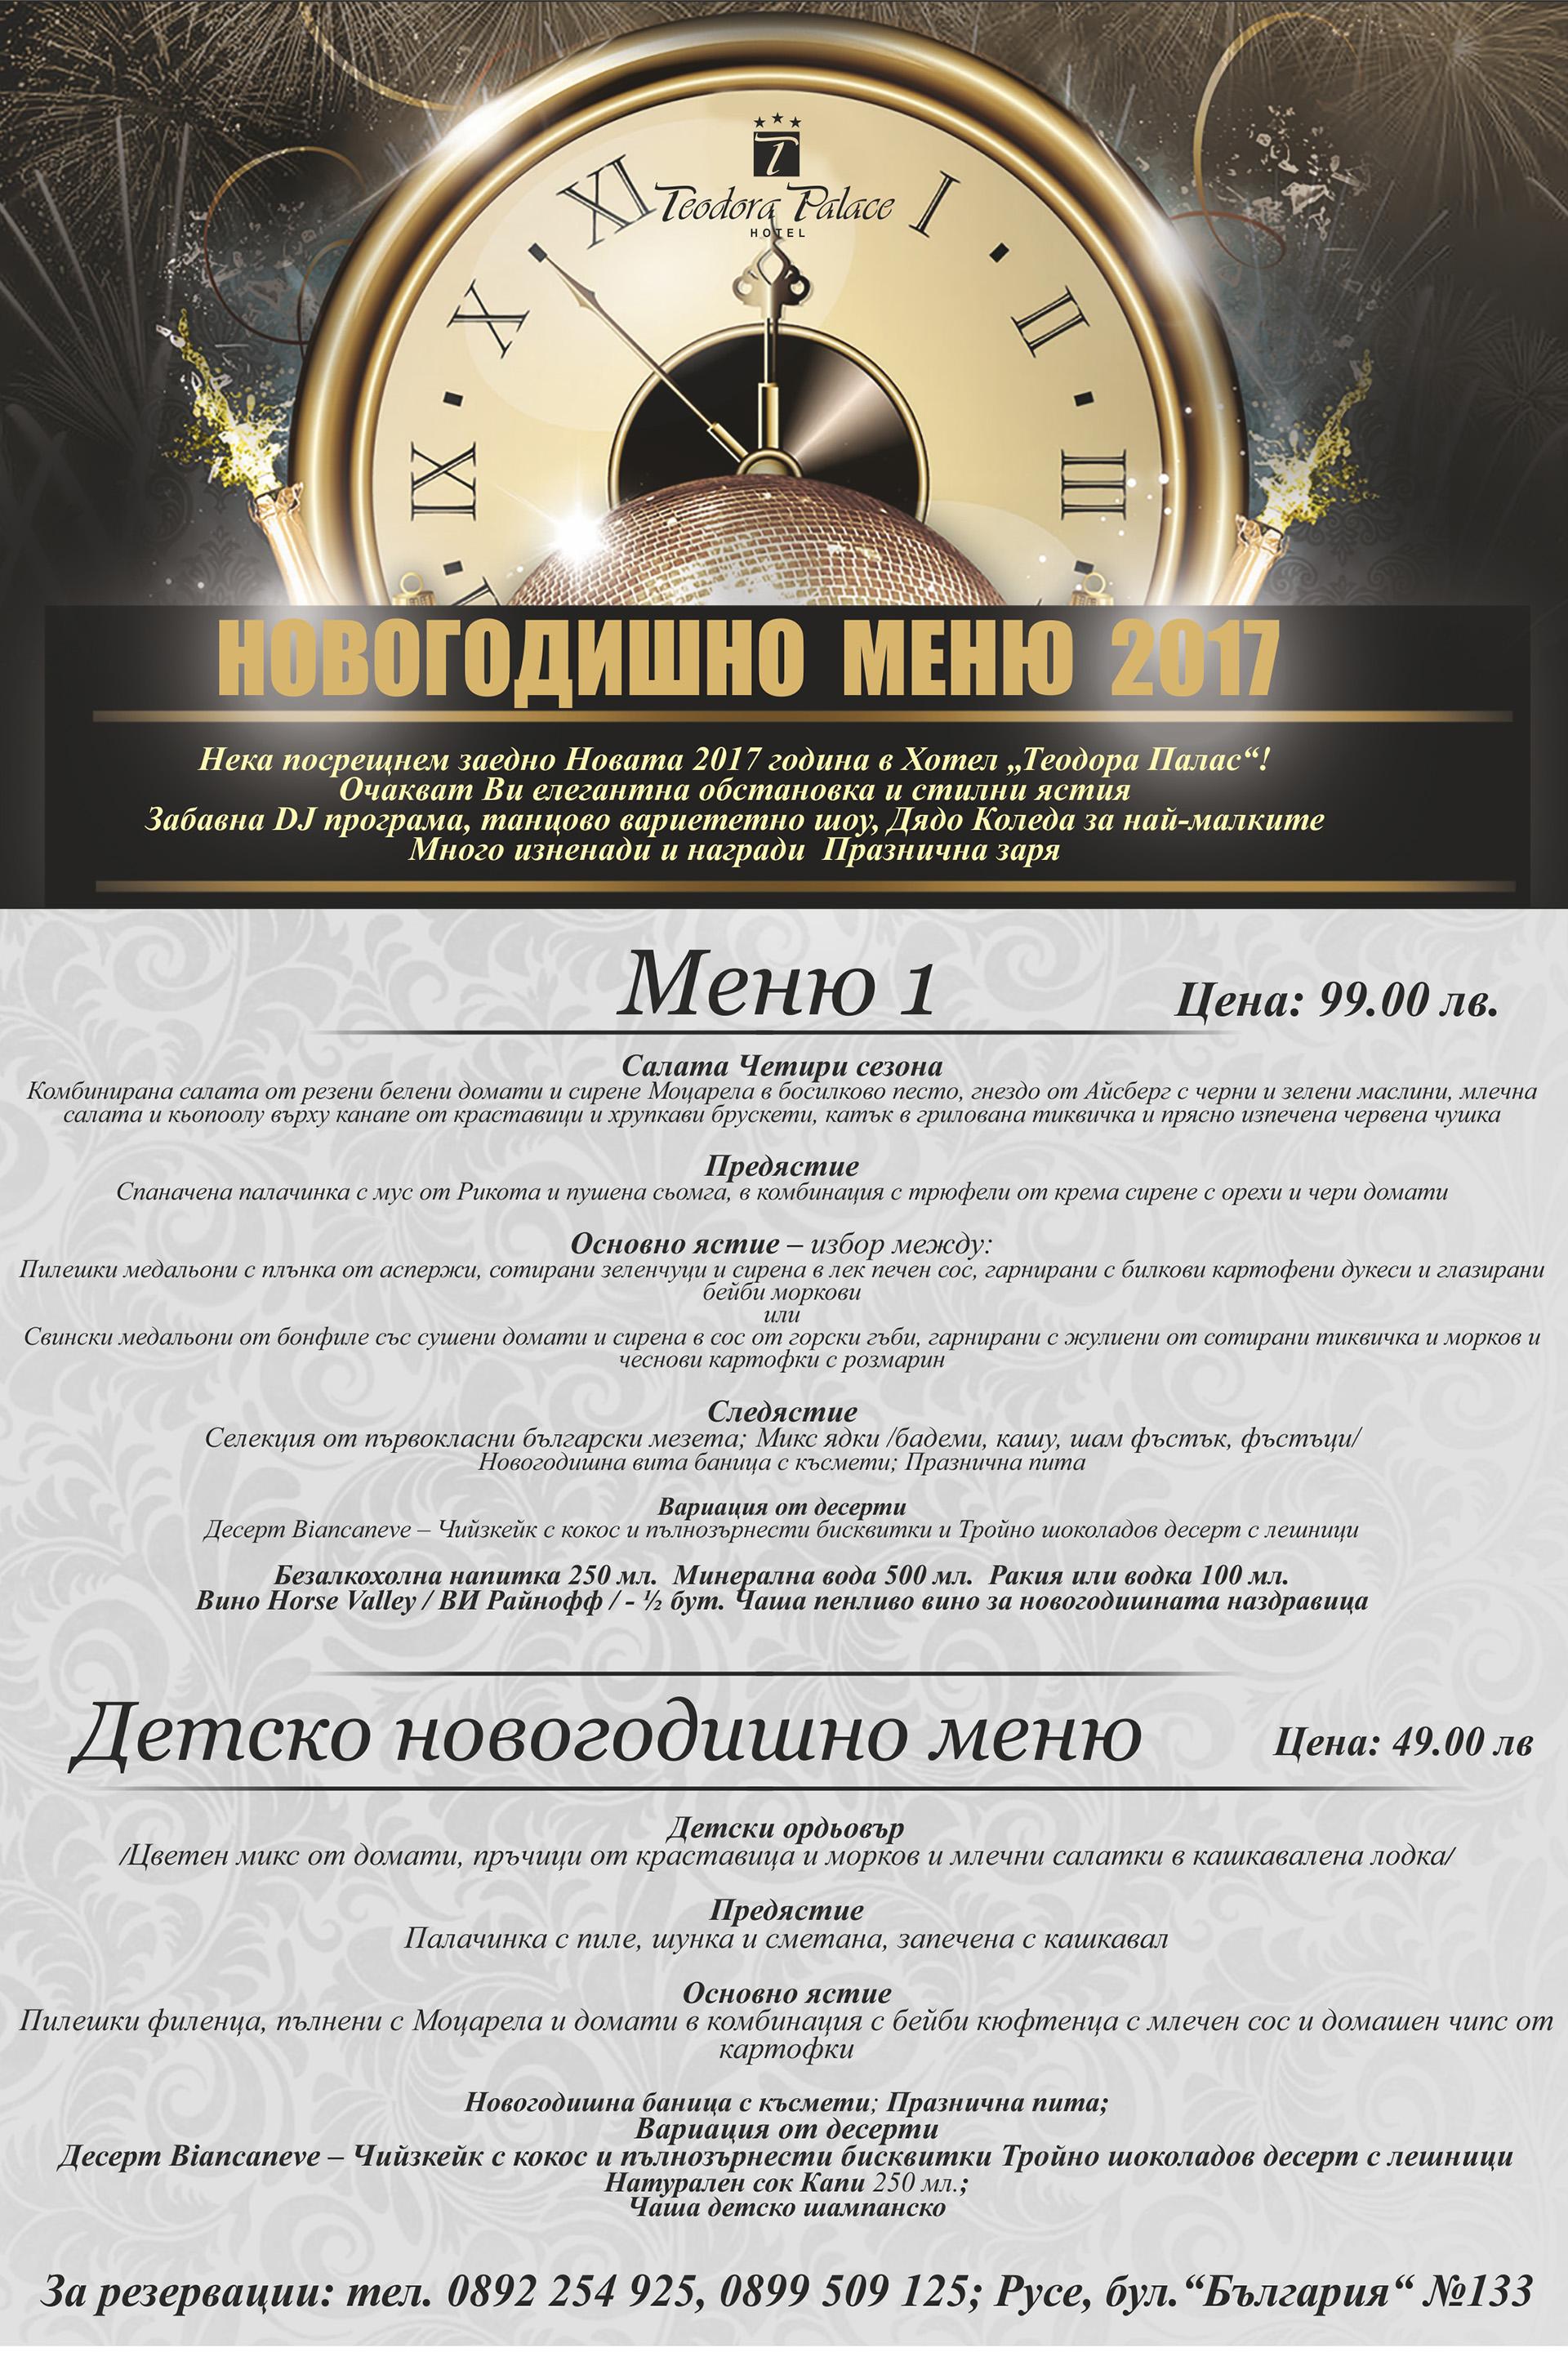 nova-godina-teodora-palace